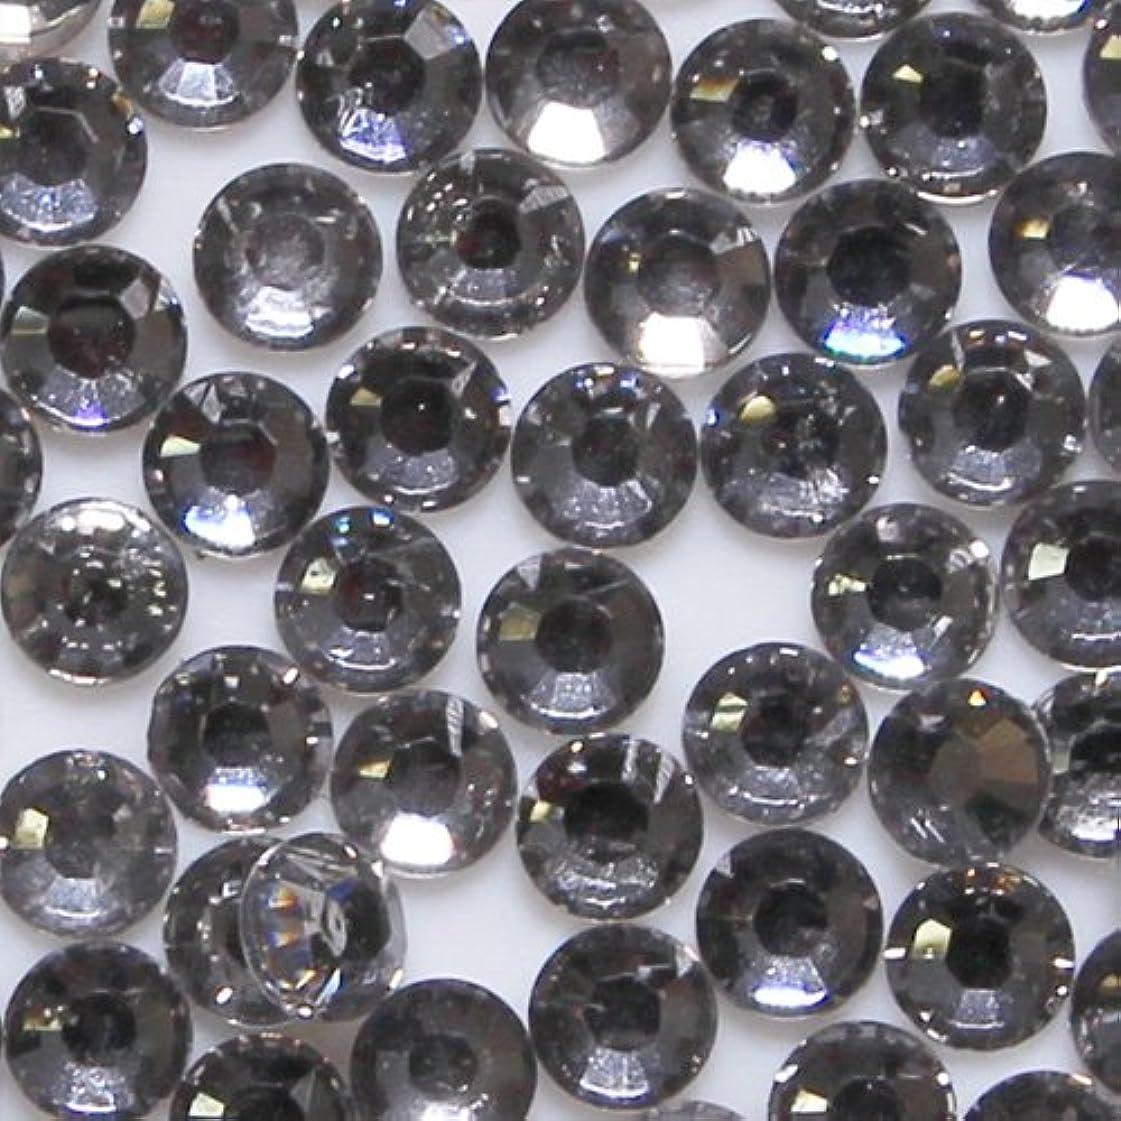 メロドラマショルダーマインドフル高品質 アクリルストーン ラインストーン ラウンドフラット 約1000粒入り 4mm ブラックダイヤモンド